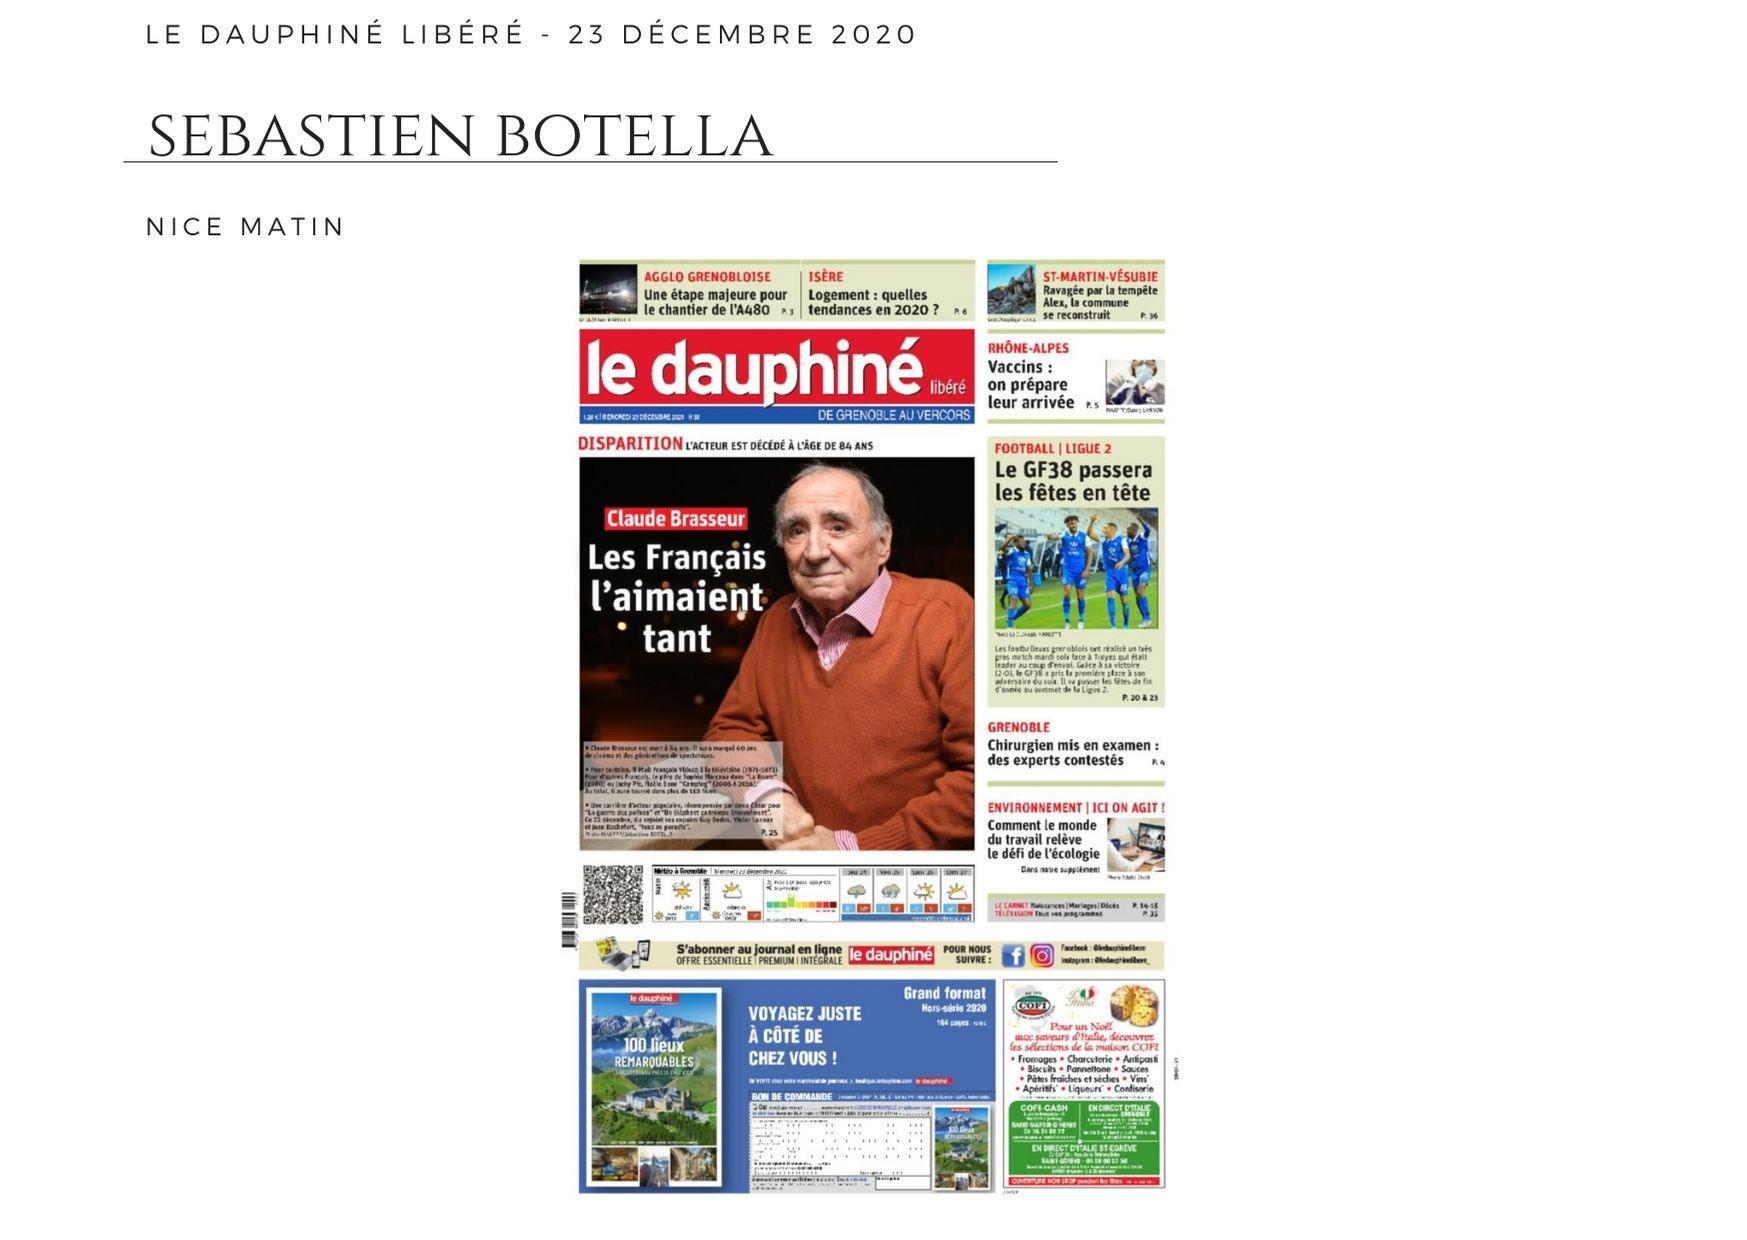 Le Dauphiné Libéré - 23 décembre 2020